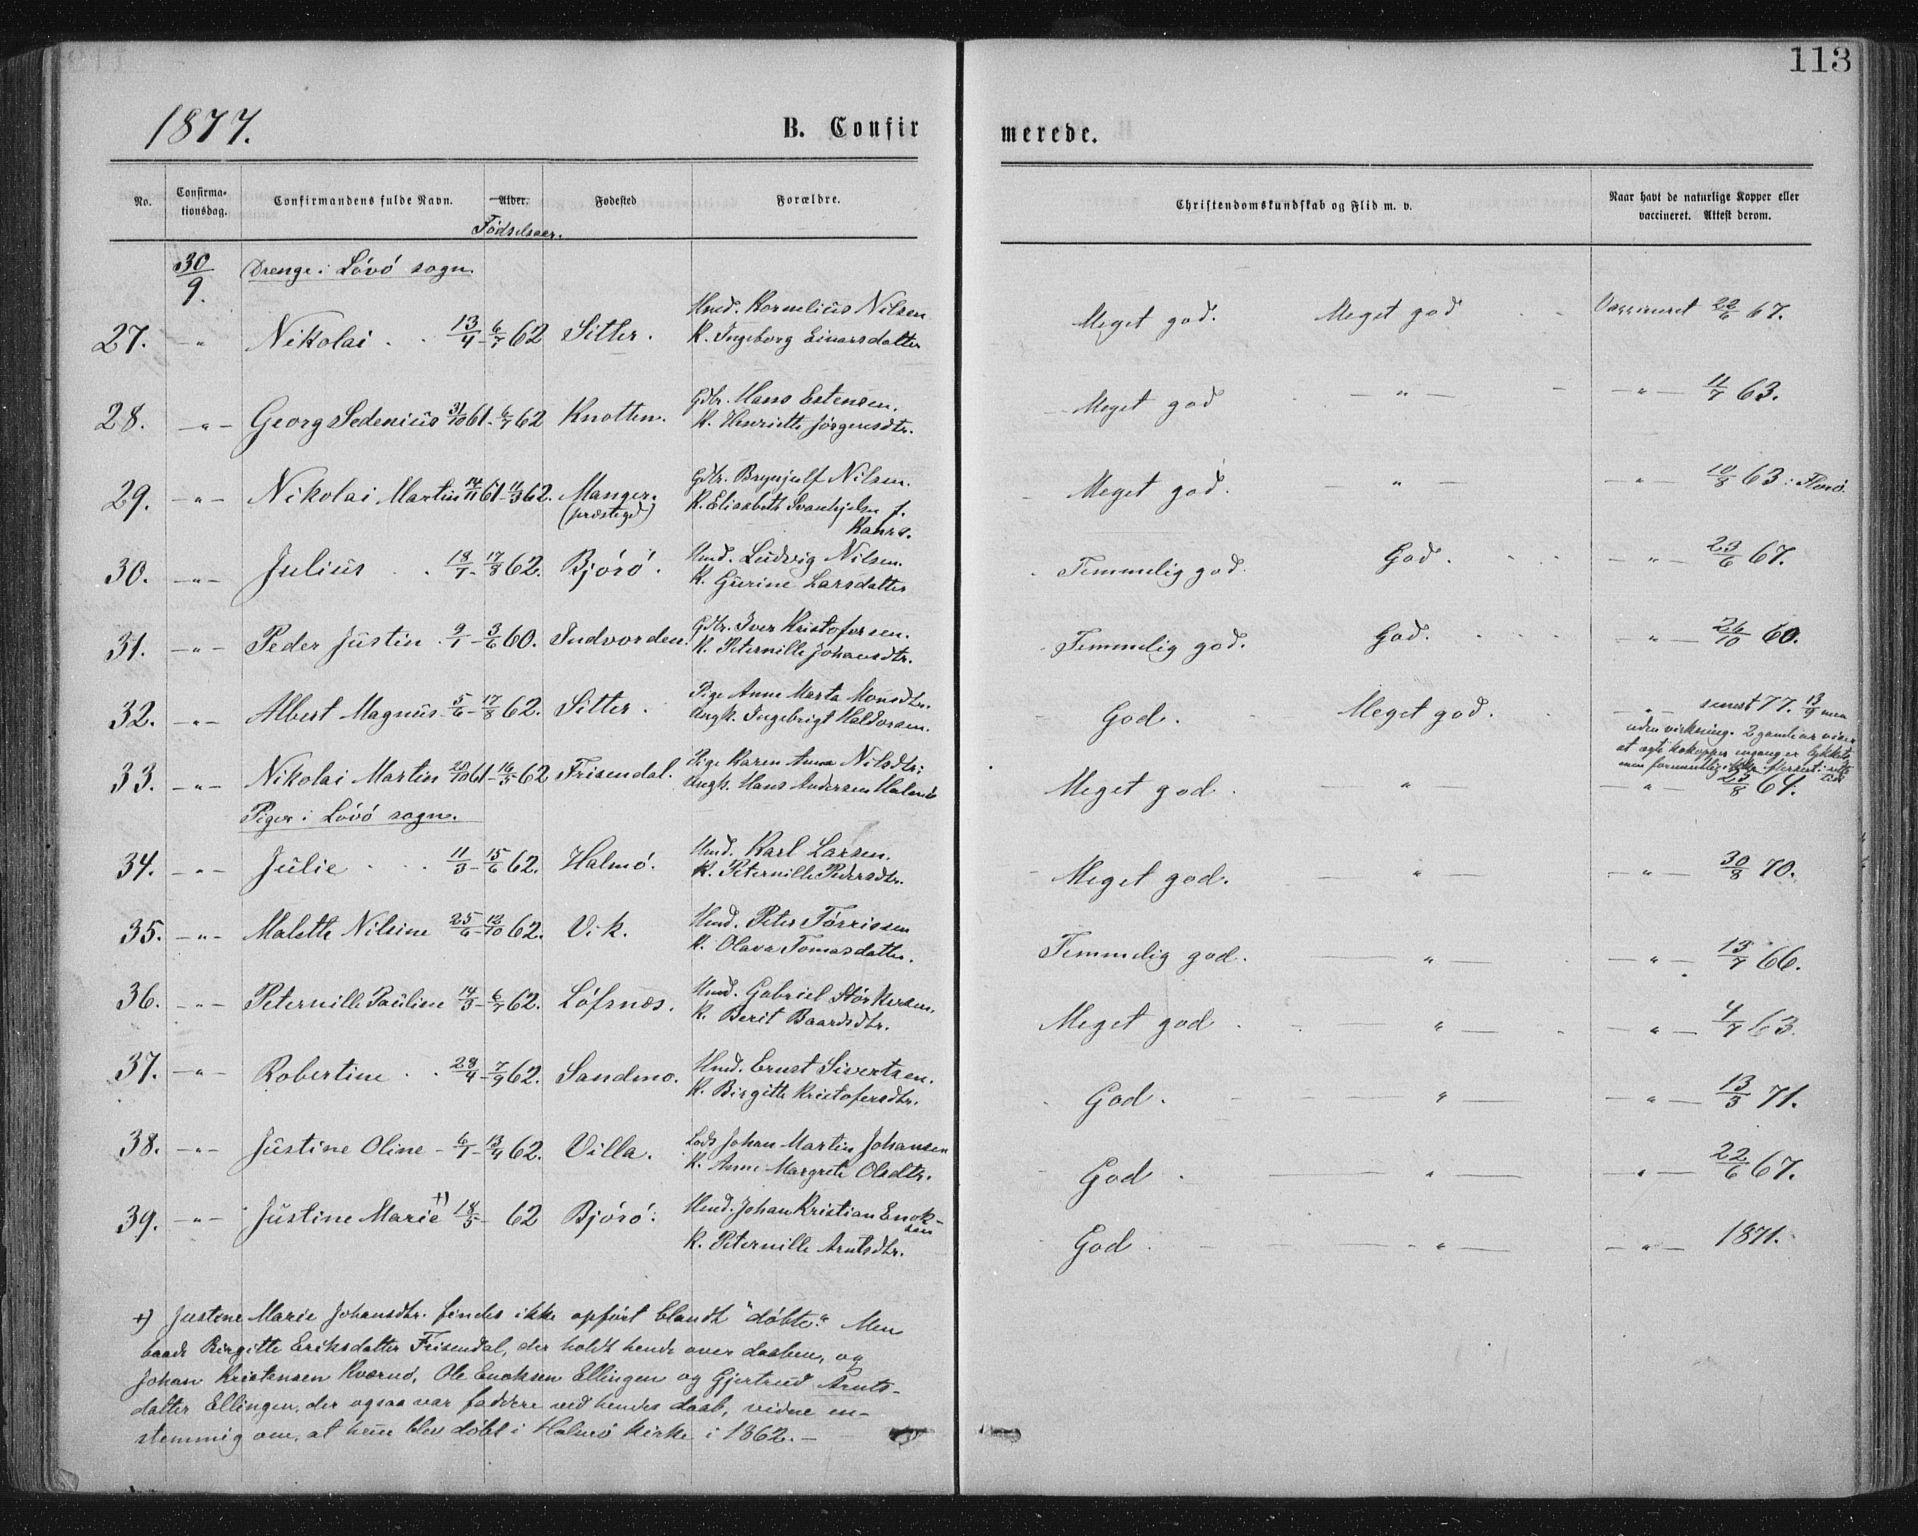 SAT, Ministerialprotokoller, klokkerbøker og fødselsregistre - Nord-Trøndelag, 771/L0596: Ministerialbok nr. 771A03, 1870-1884, s. 113